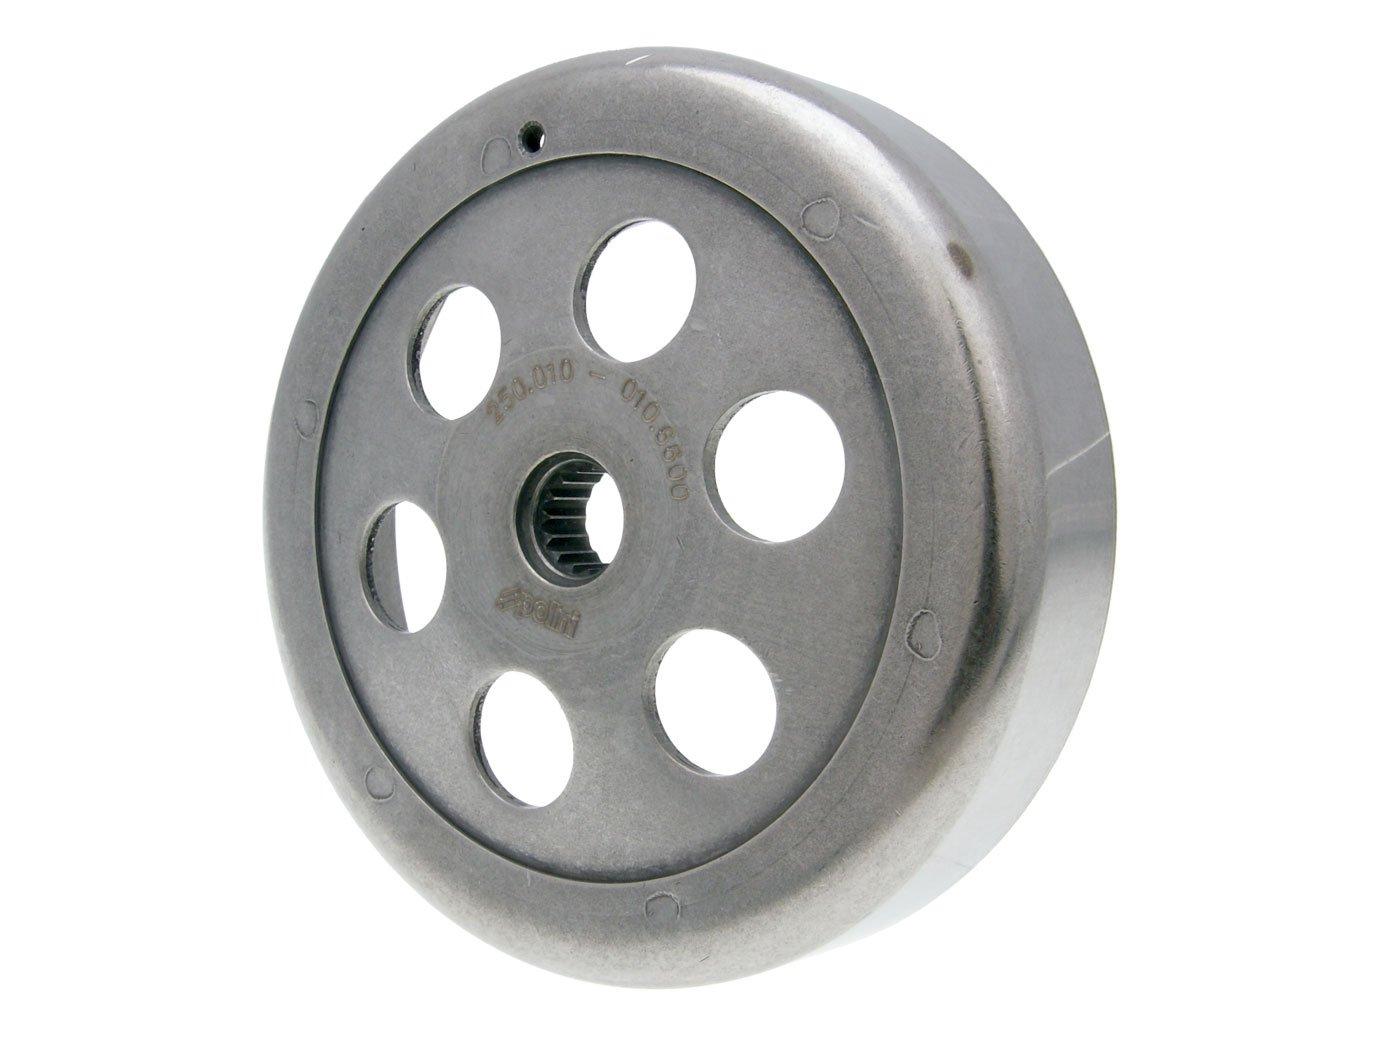 Campana de embrague (Polini Original máxima de Speed Bell para Yamaha Majesty 250: Amazon.es: Coche y moto